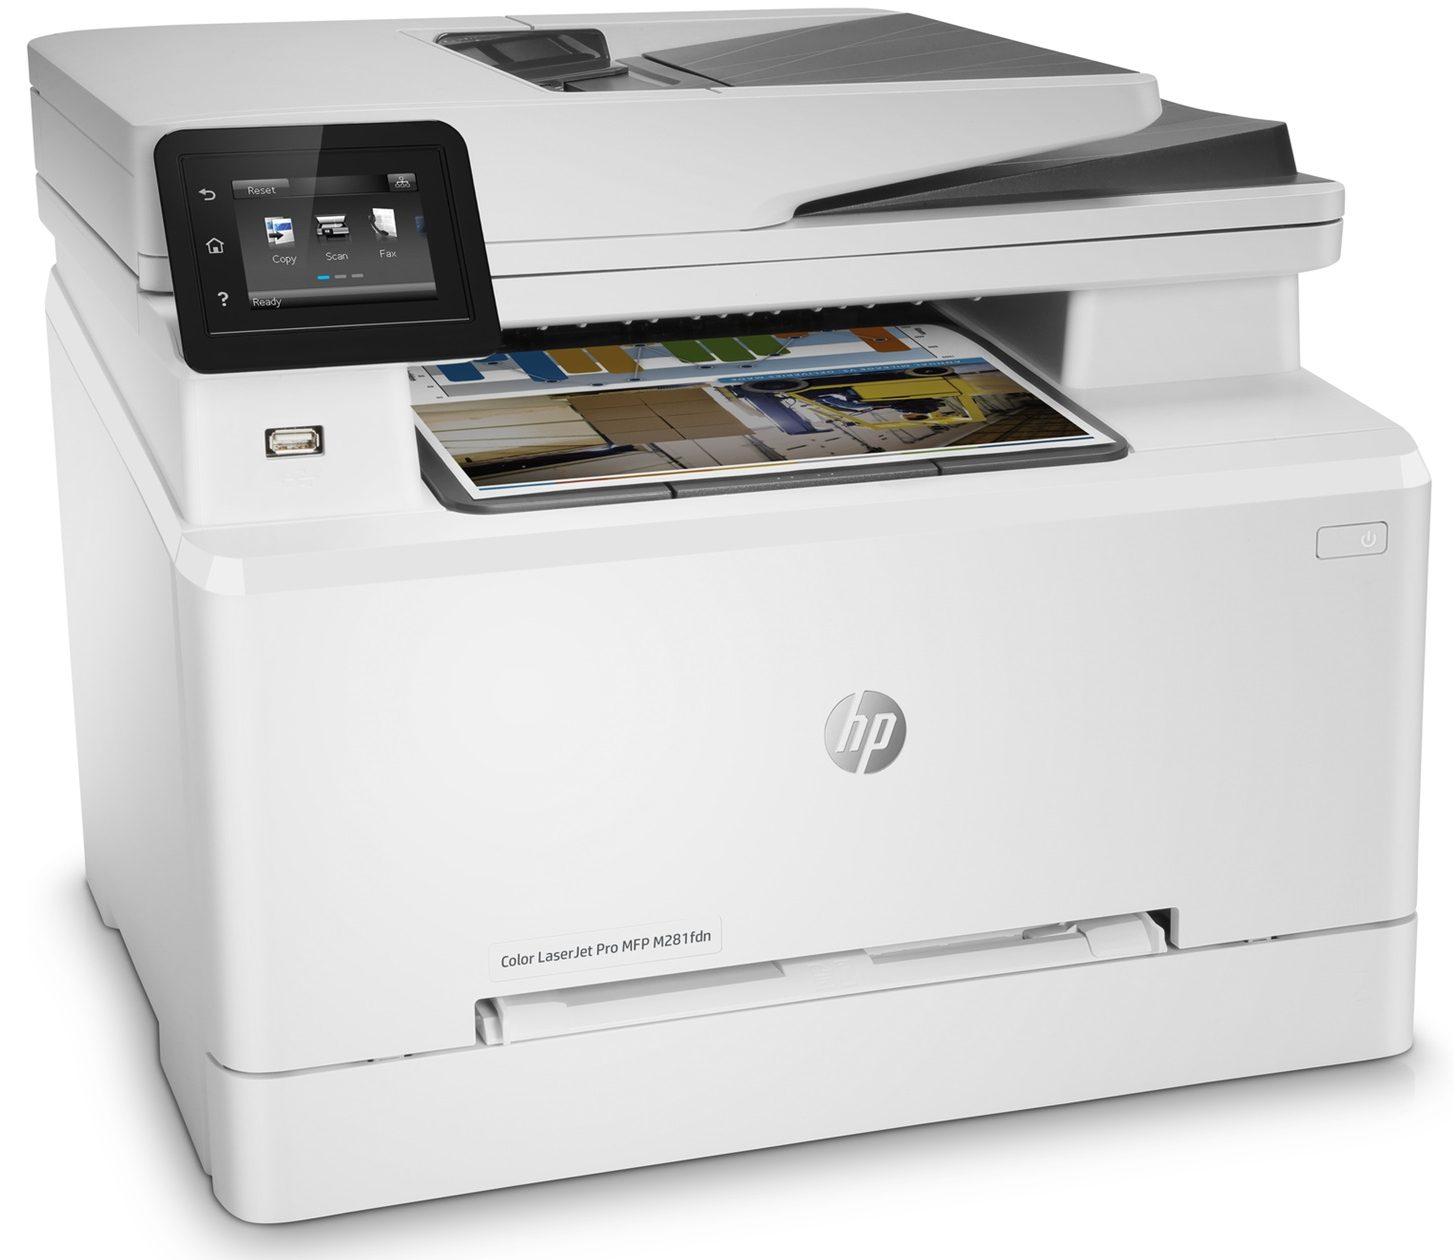 Máy in laser màu HP Pro MFP M281FDN (T6B81A) thiết kế đẹp mắt phù hợp với mọi văn phòng